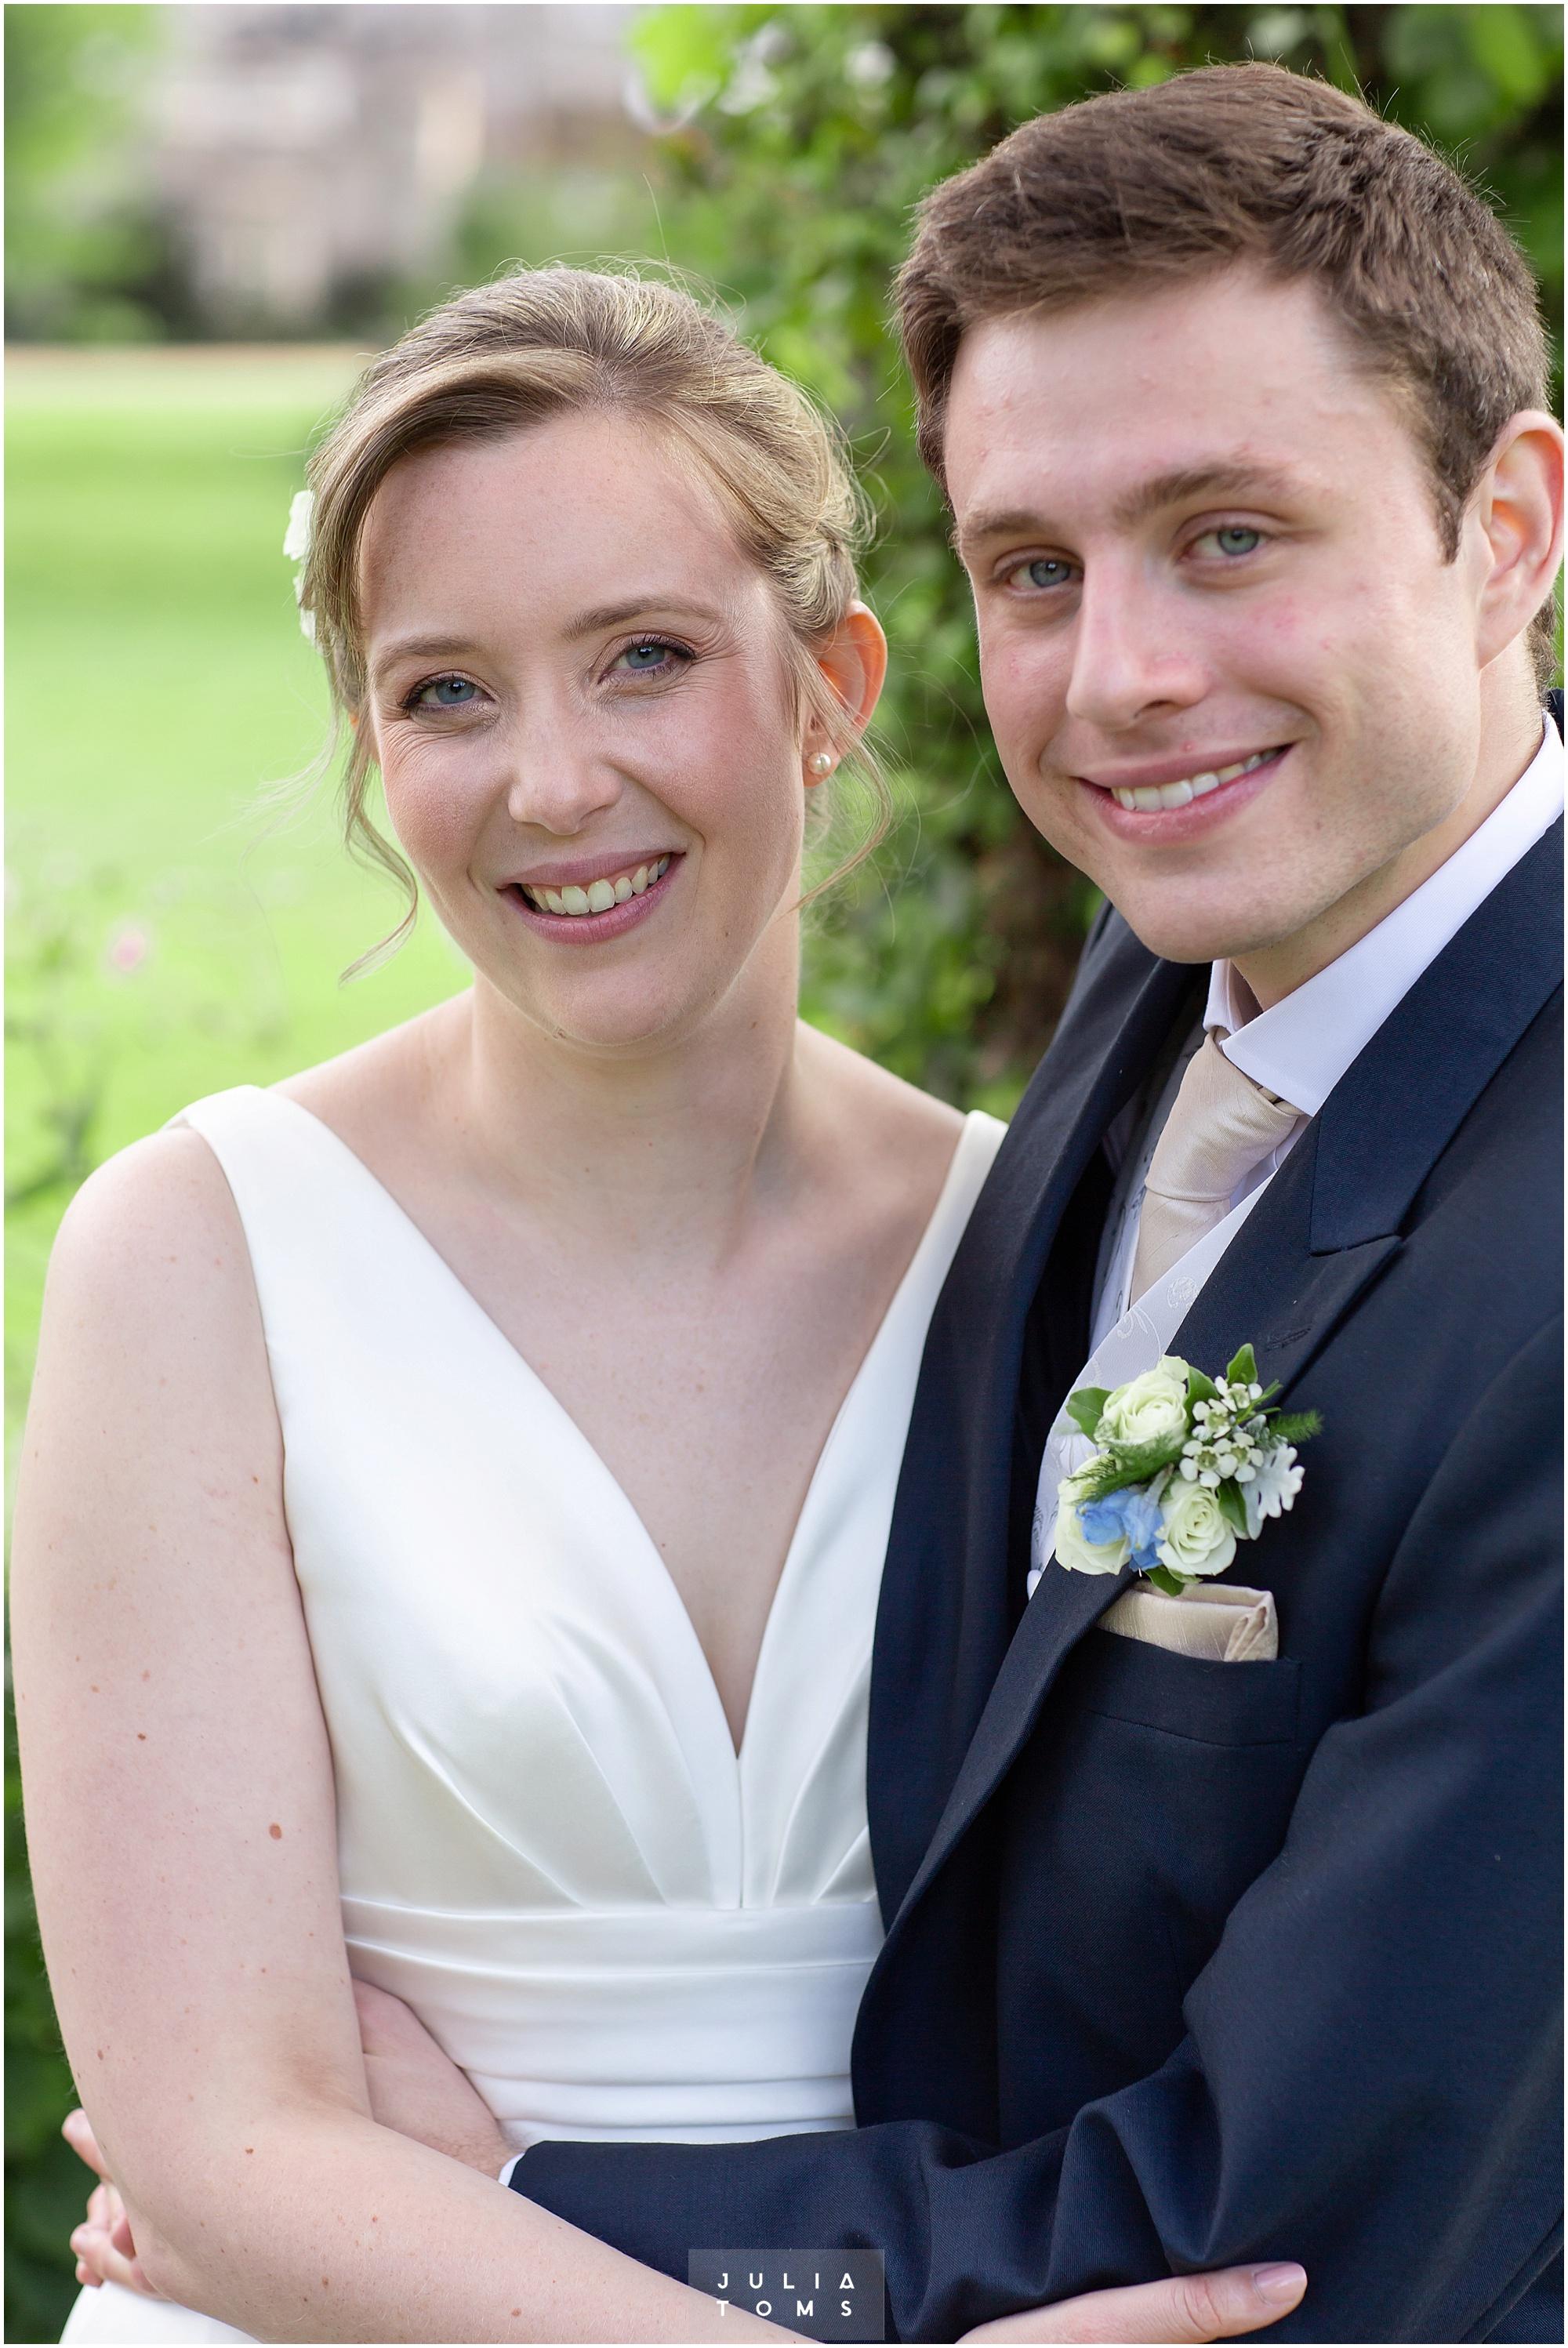 westsussex_wedding_photographer_westdean_080.jpg